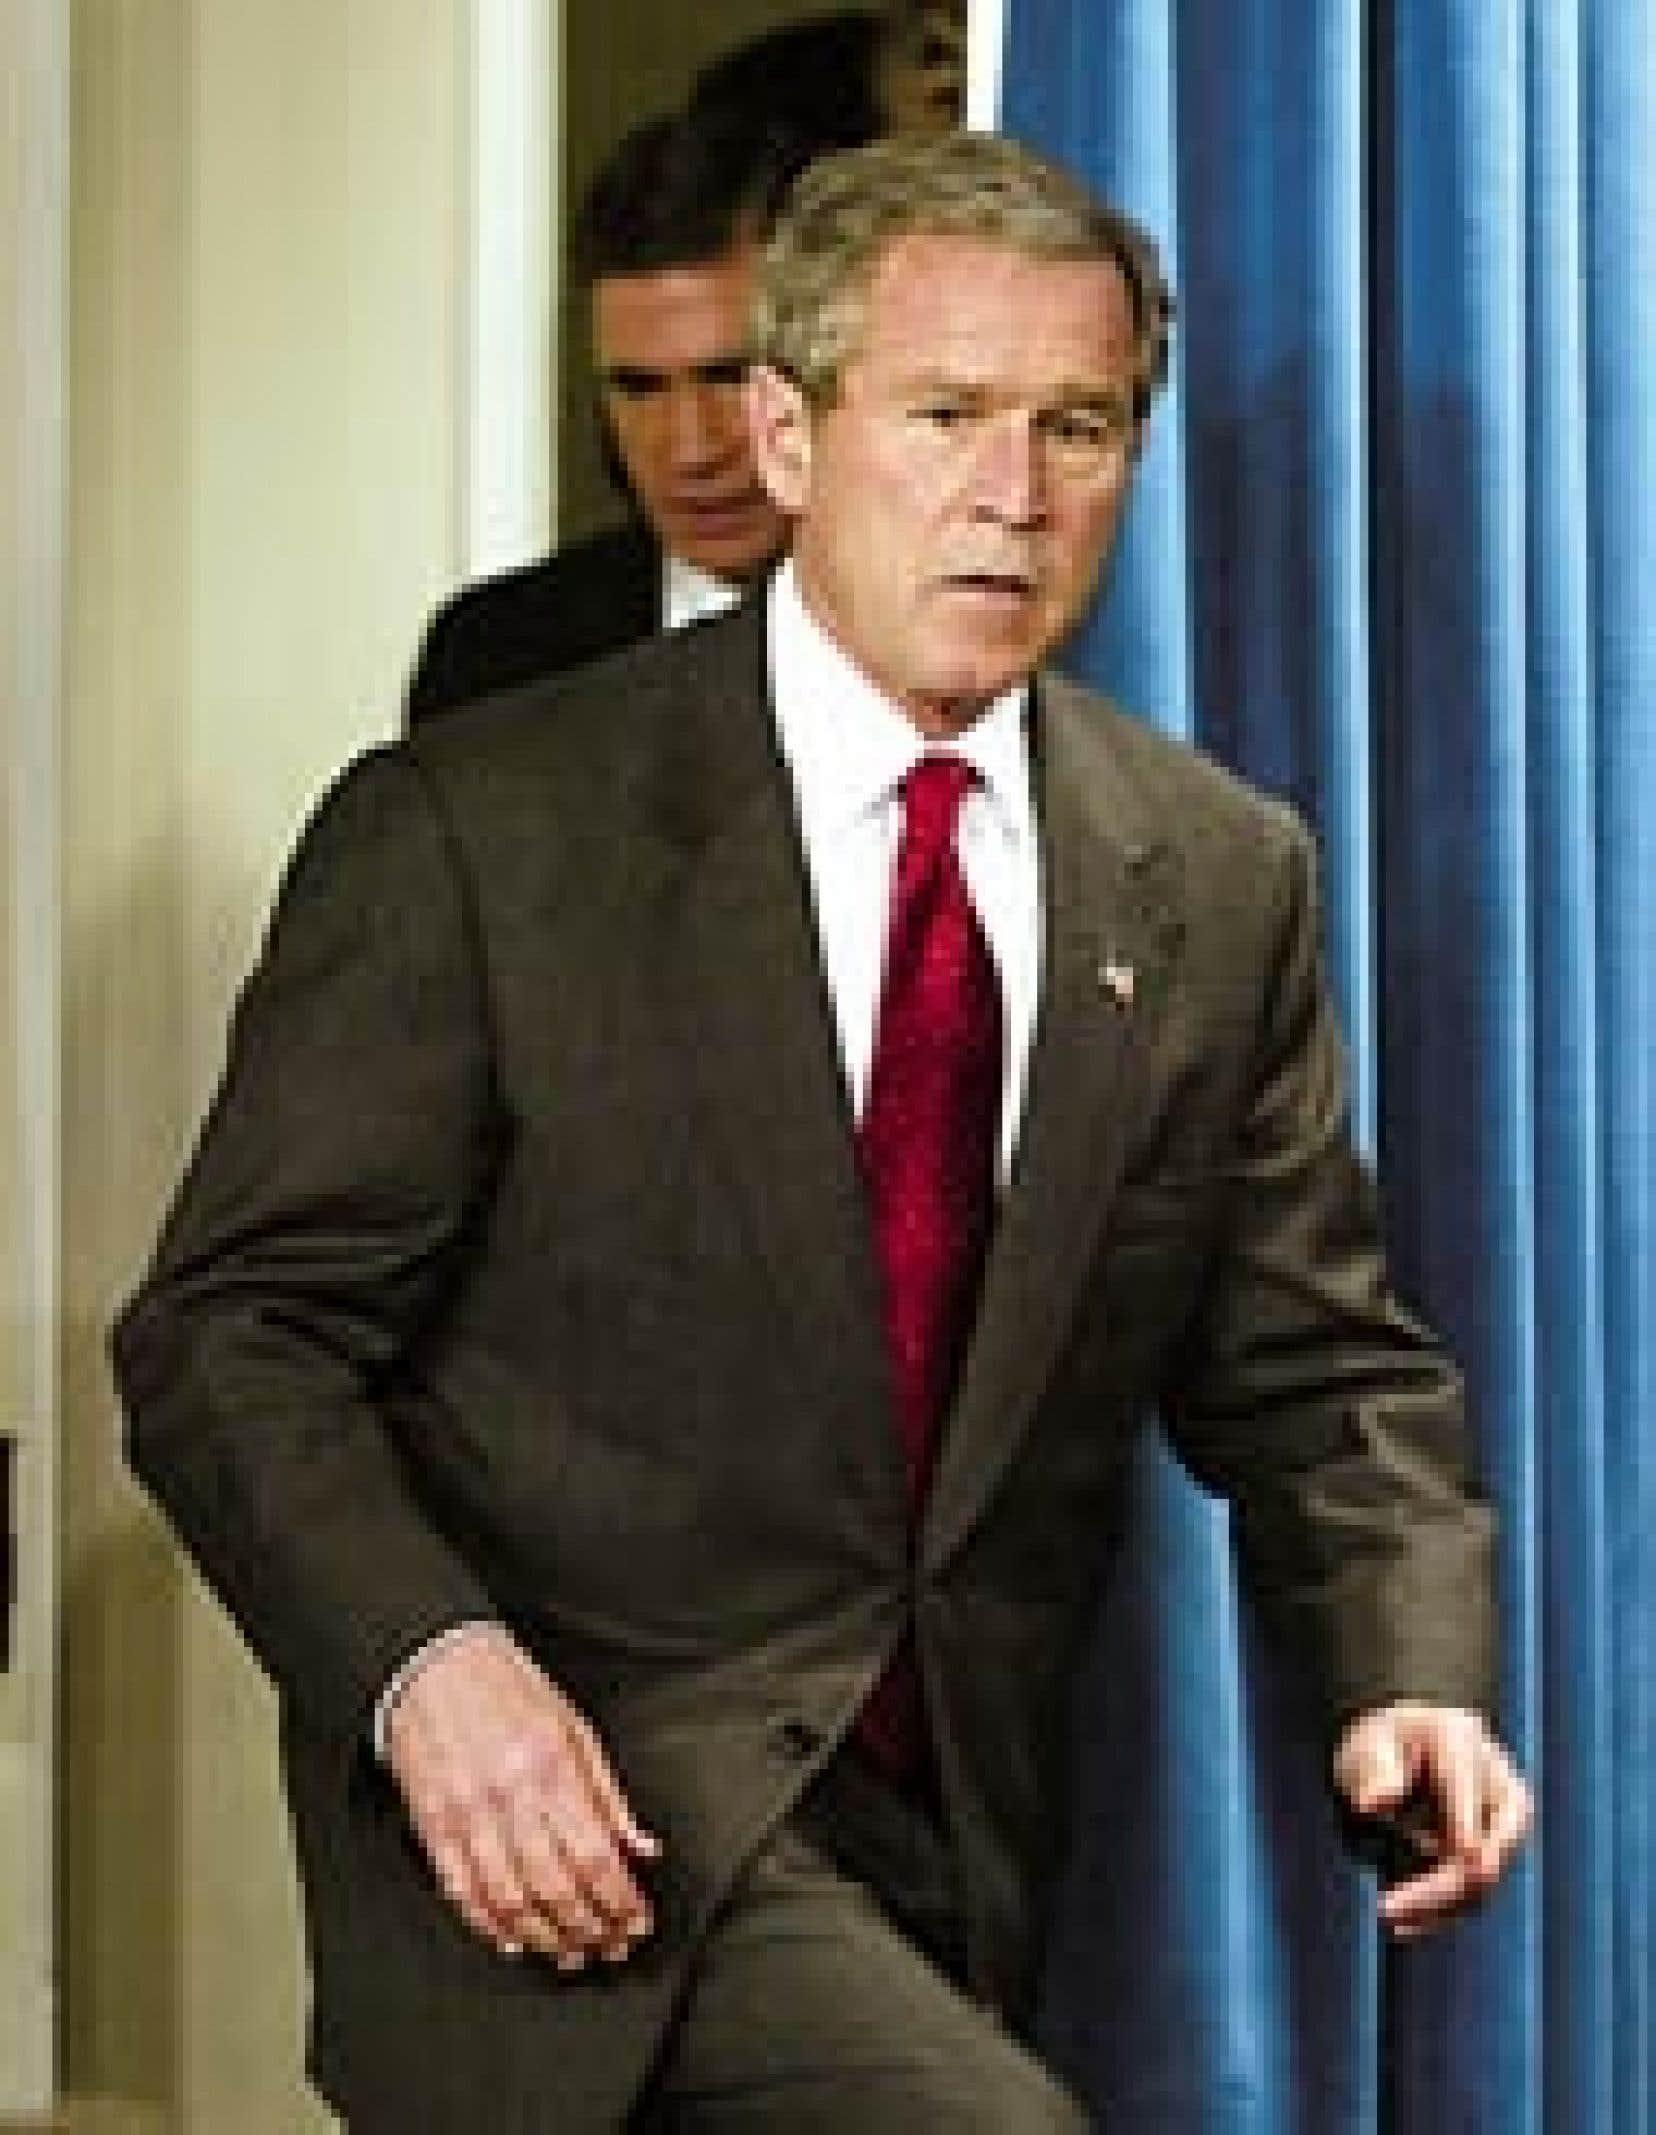 George W. Bush à son arrivée à la Maison-Blanche, hier. Larry Downing Reuters